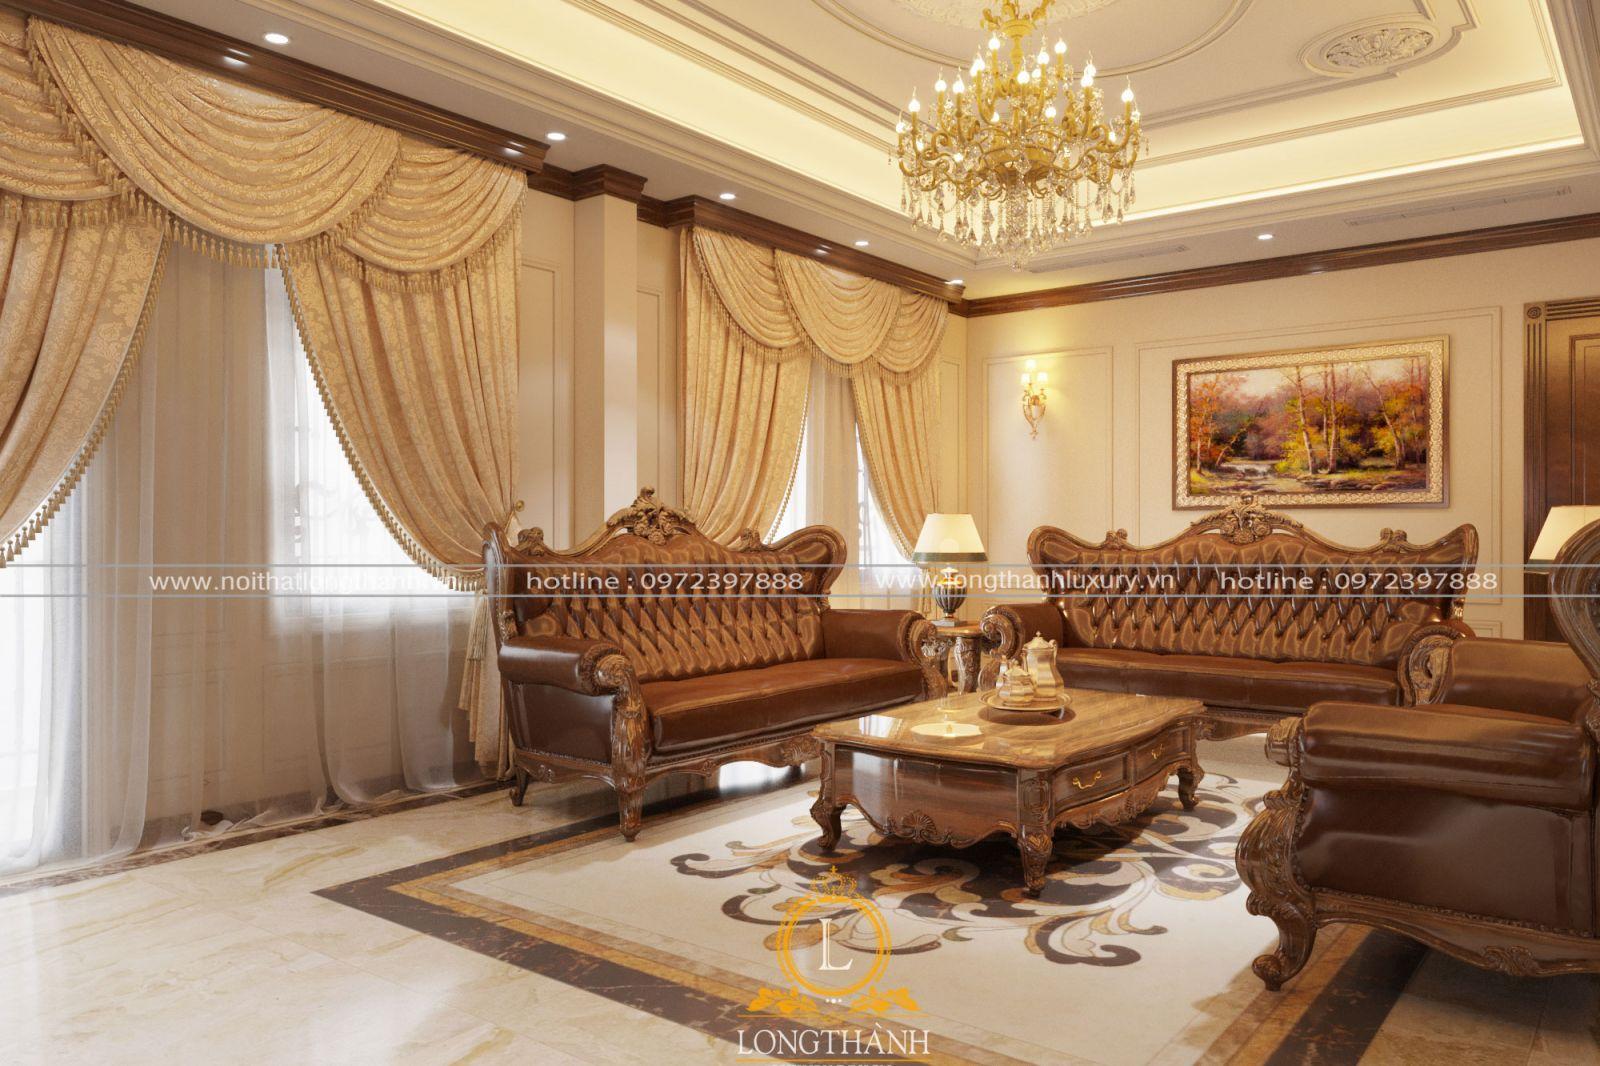 Phòng khách tân cổ điển đẹp nhẹ nhàng